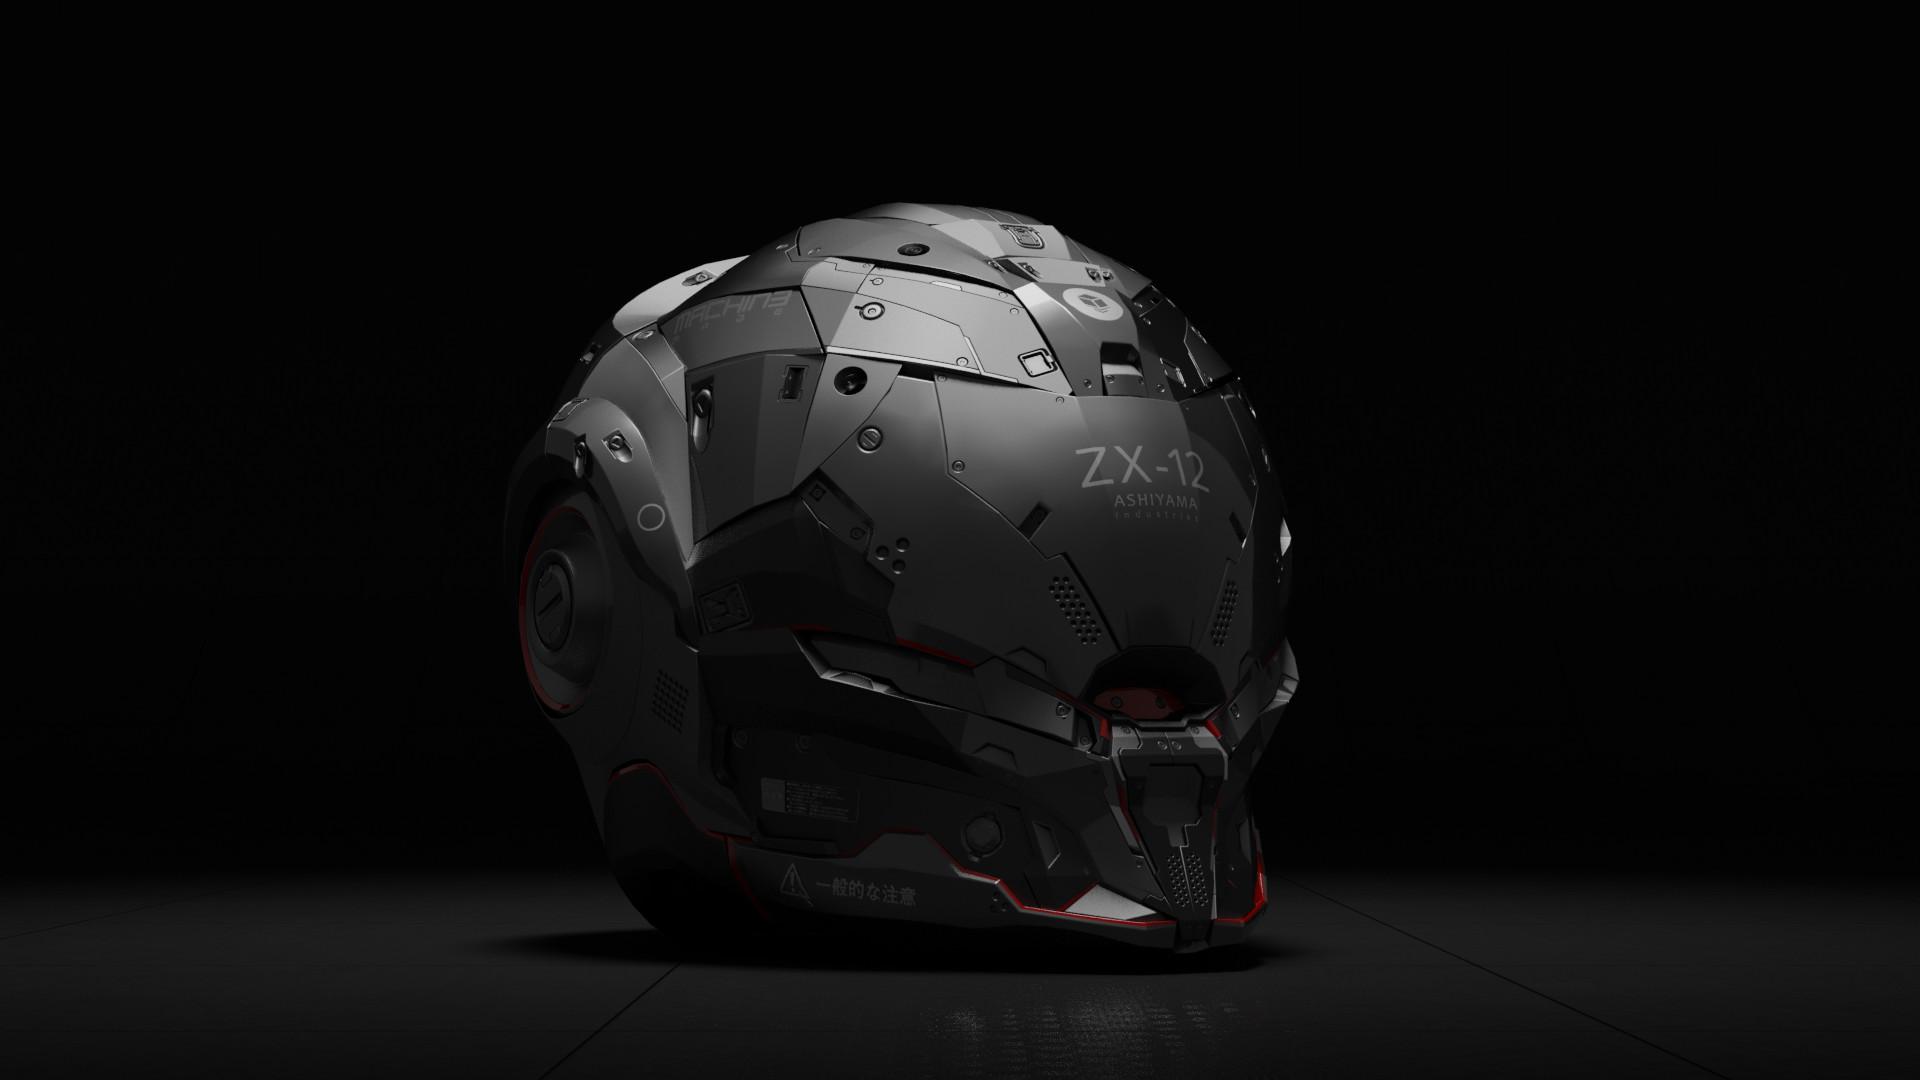 Jerry perkins mx1001 dm helmet3